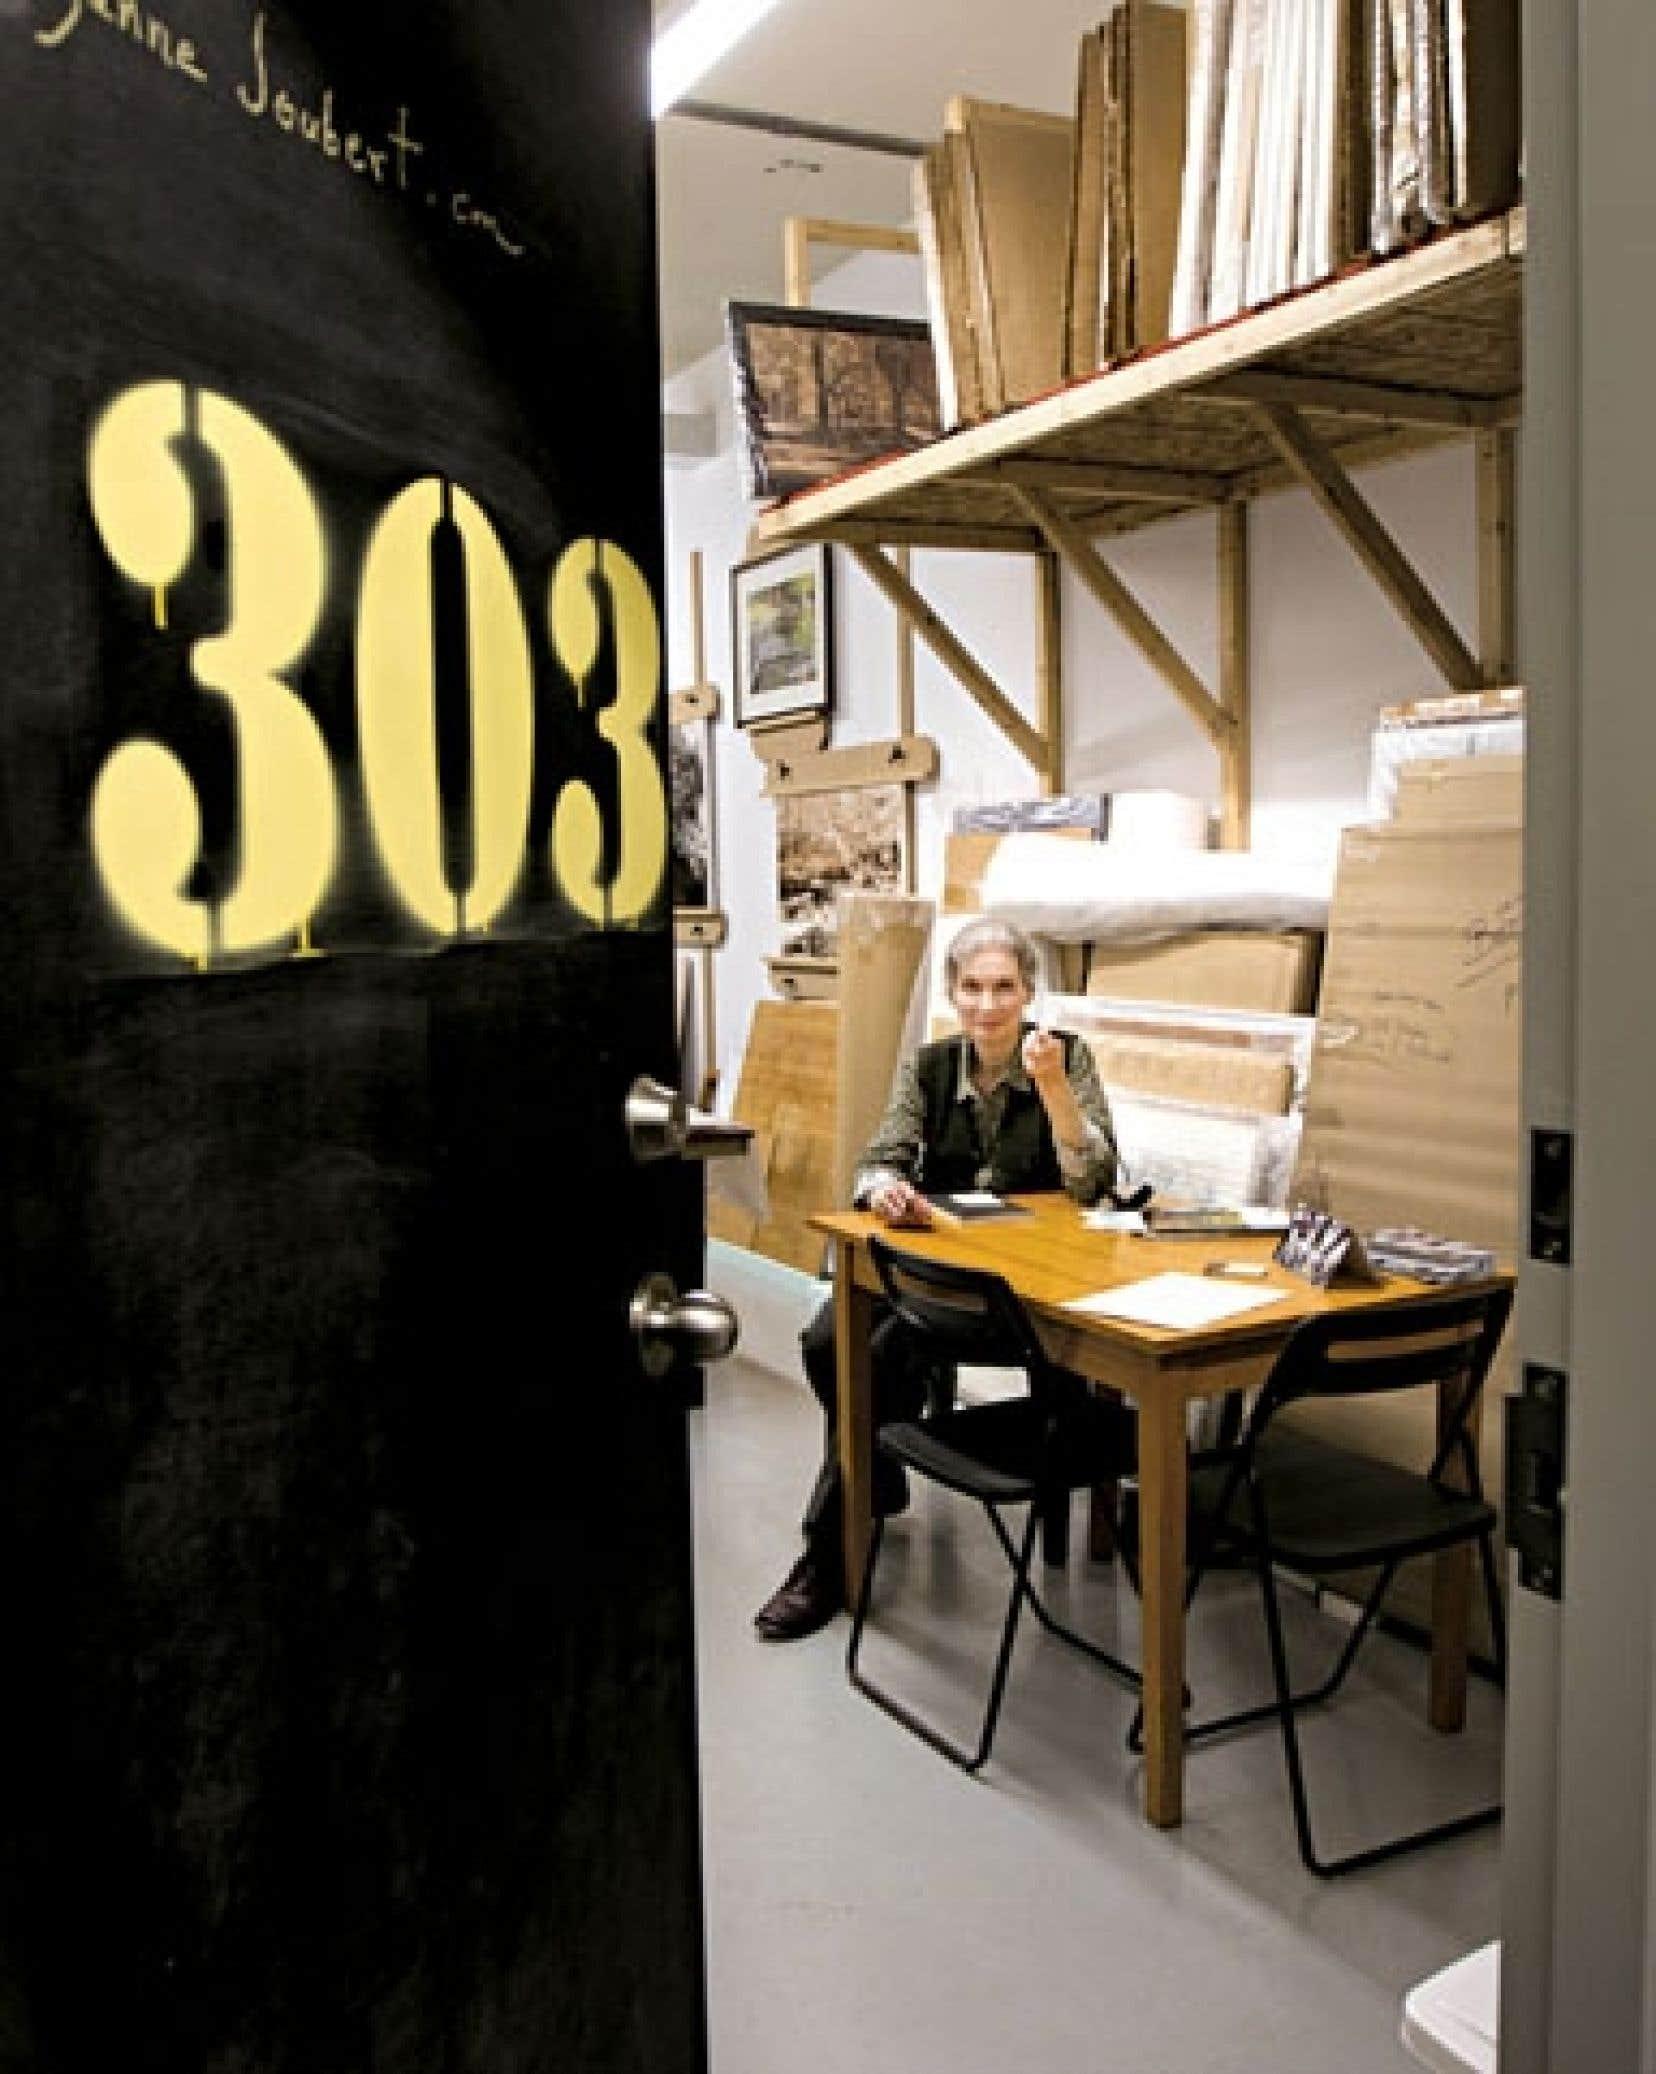 Porte ouverte sur l'atelier et le travail de l'artiste Suzanne Joubert